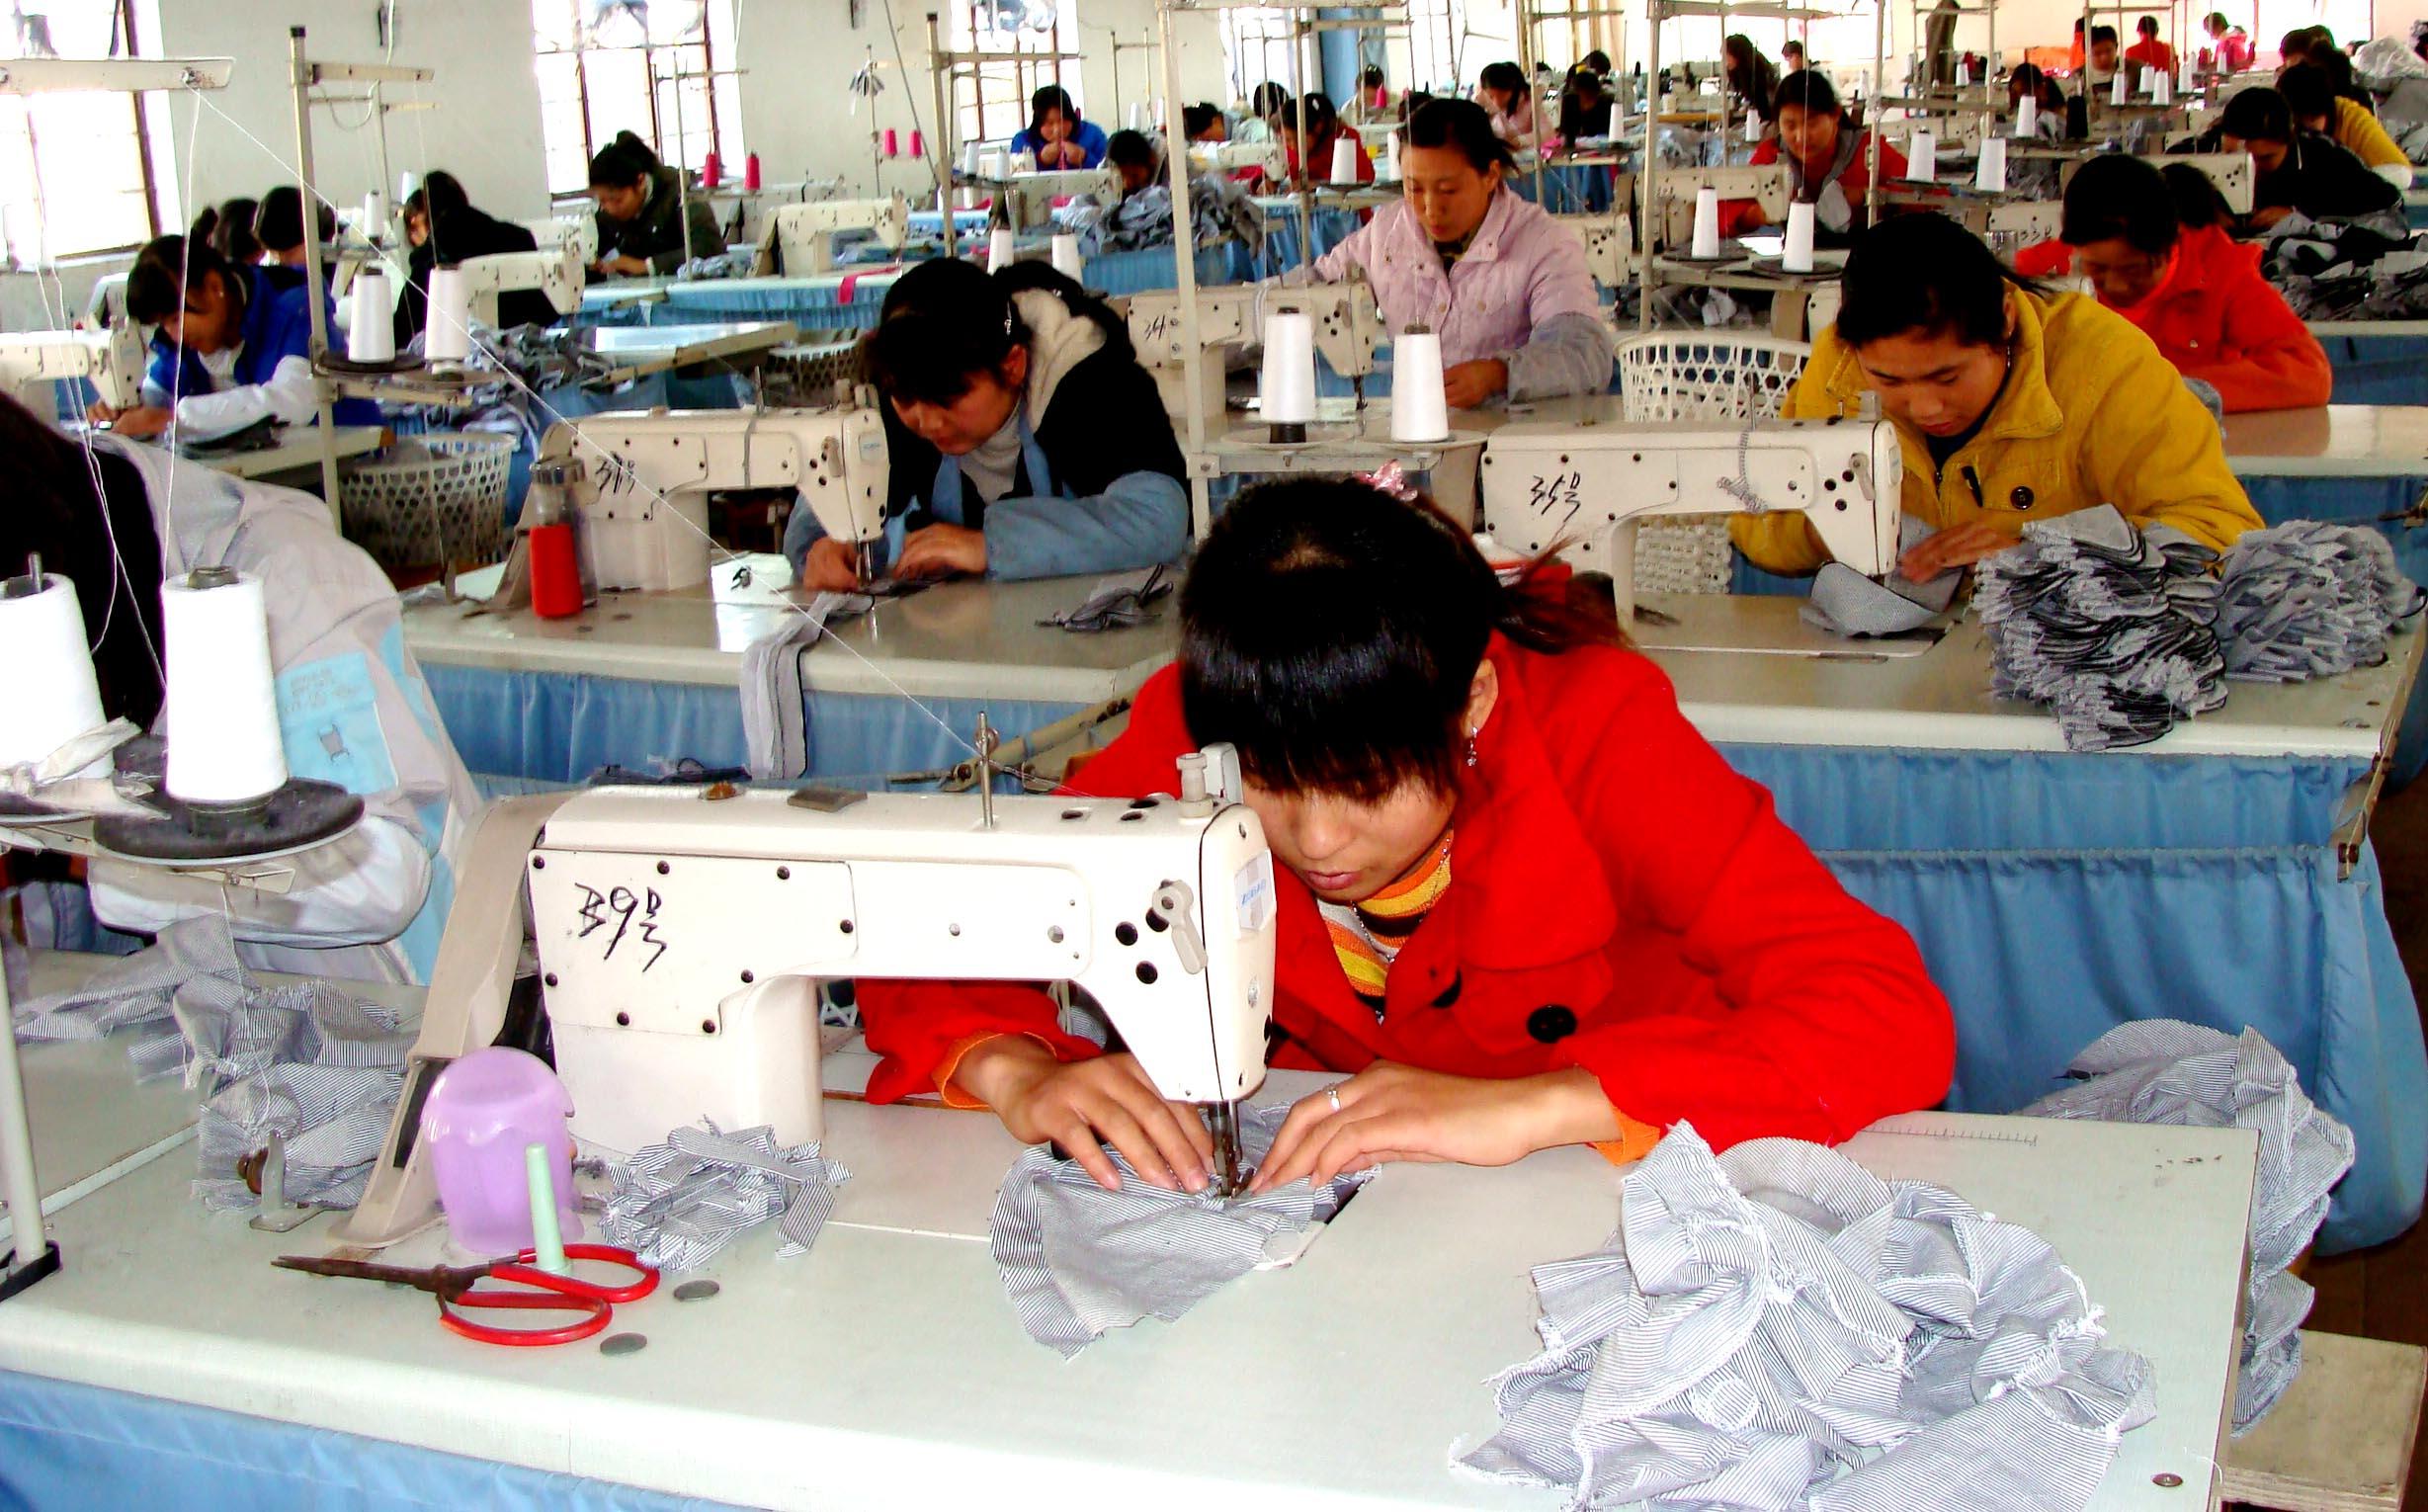 安徽服装厂,安徽服装厂定制,安徽服装厂定做【优质服务】